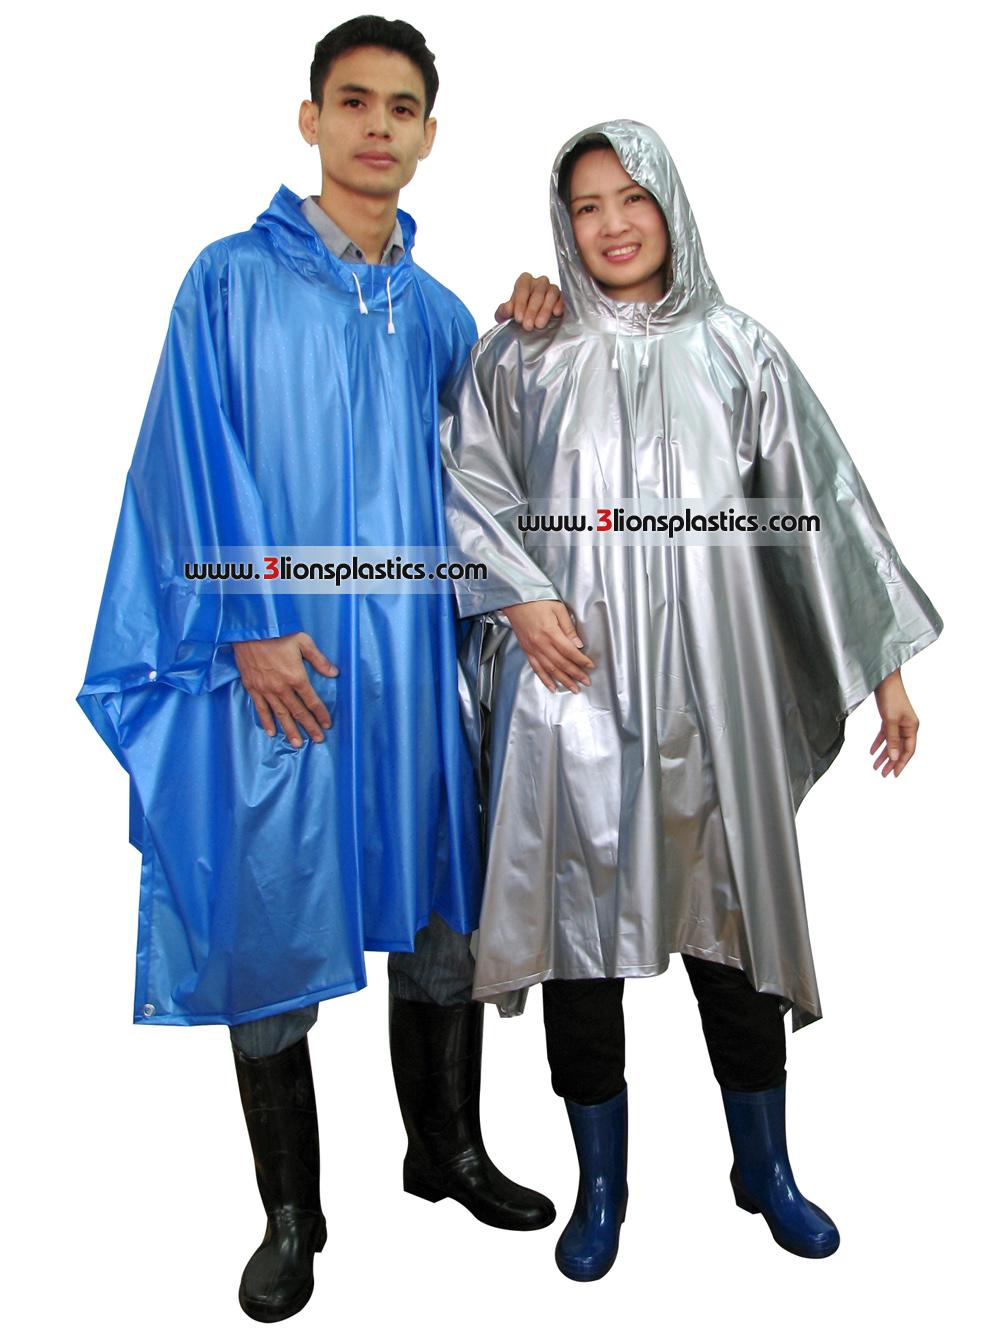 30-RG033 เสื้อกันฝนผู้ใหญ่ แบบค้างคาว - โรงงานผลิตเสื้อกันฝน